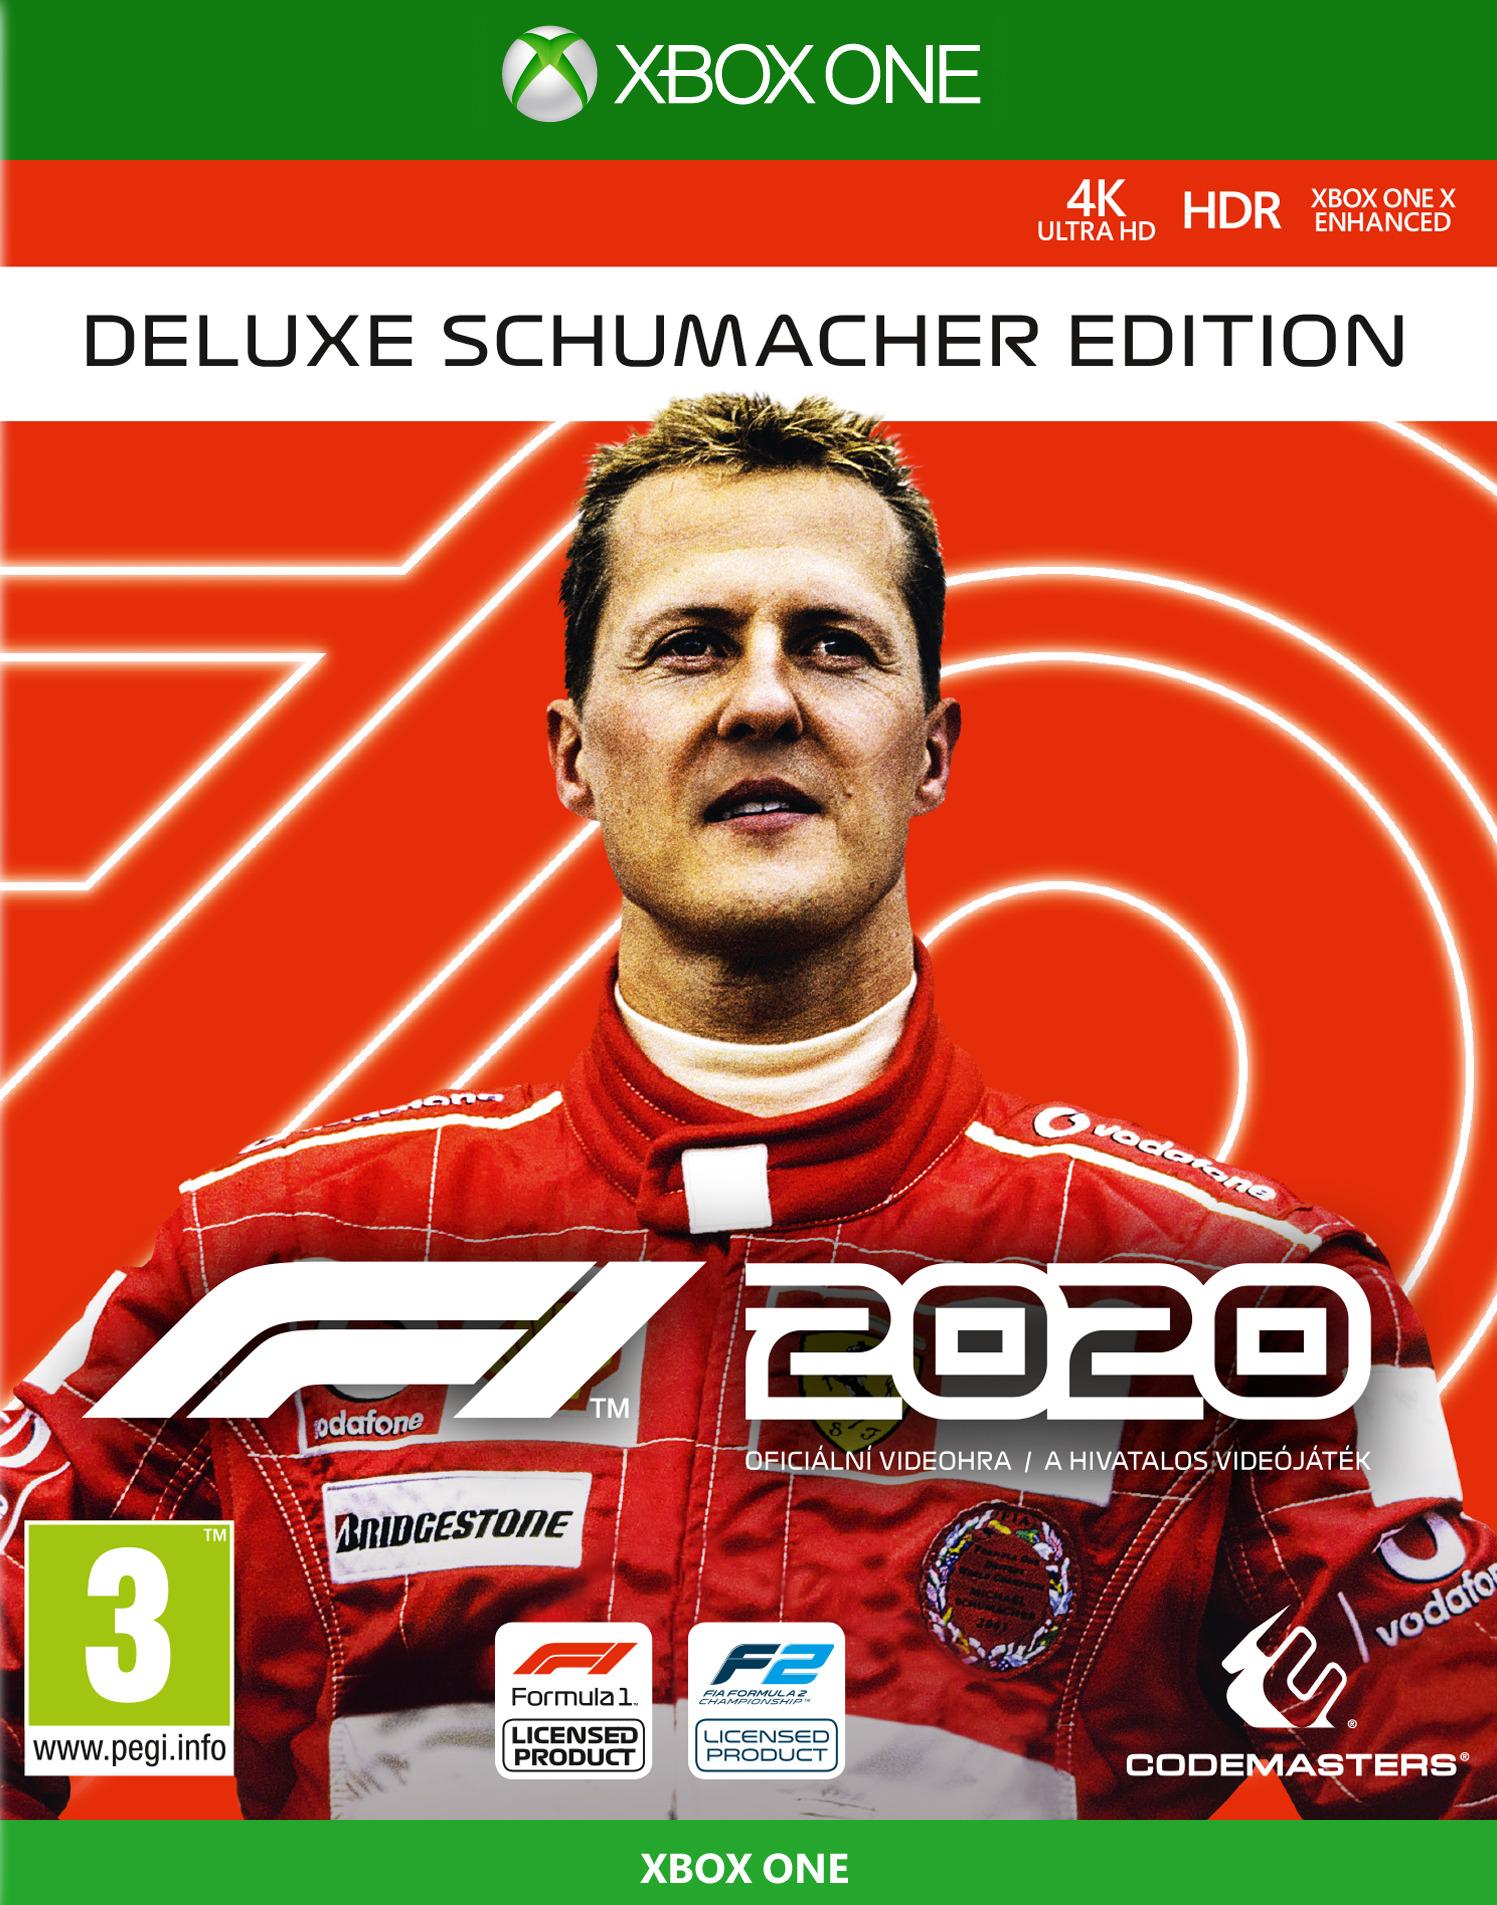 F1 2020 - Deluxe Schumacher Edition (XONE)